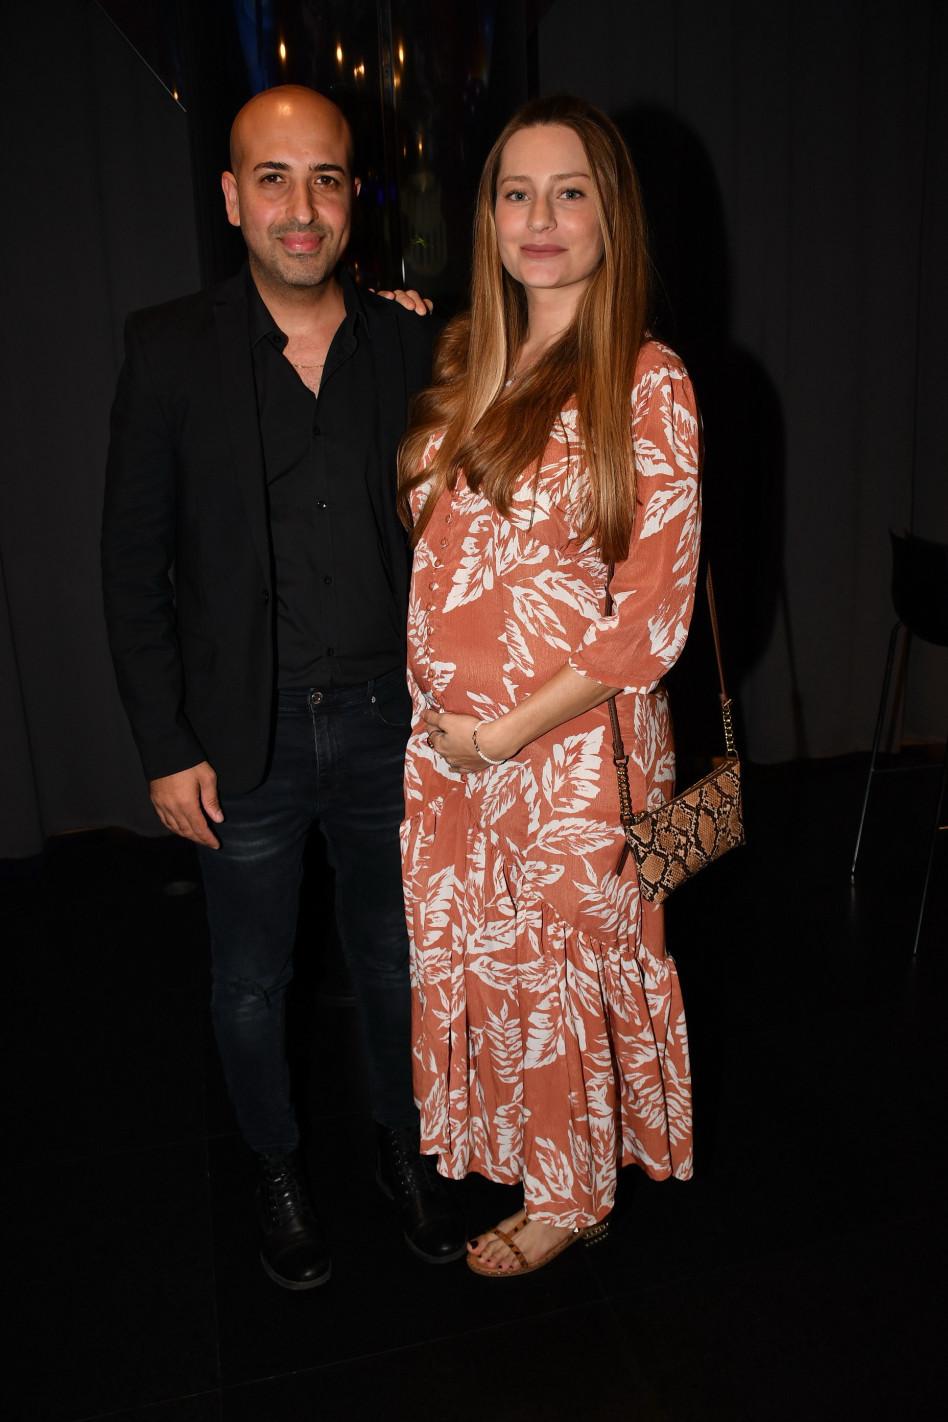 חזי דין ואשתו הלן בארי ההריונית (צילום: אביב חופי)